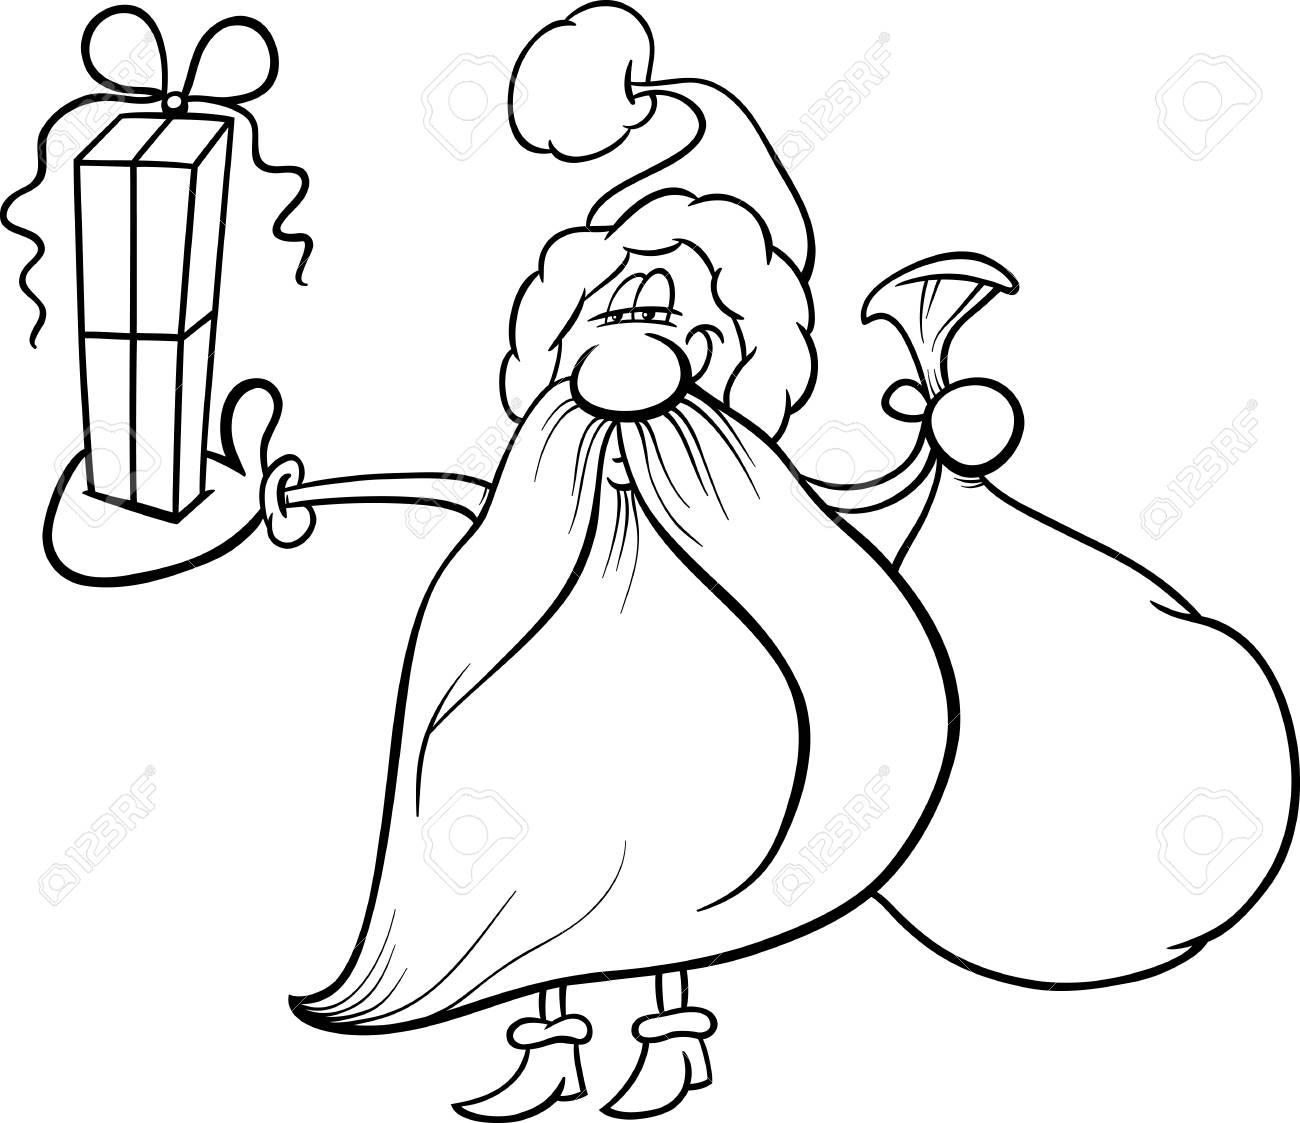 Dessin Animé Noir Et Blanc Illustration Du Père Noël Avec Le Sac Et Le Cadeau De Noël Pour Coloring Book